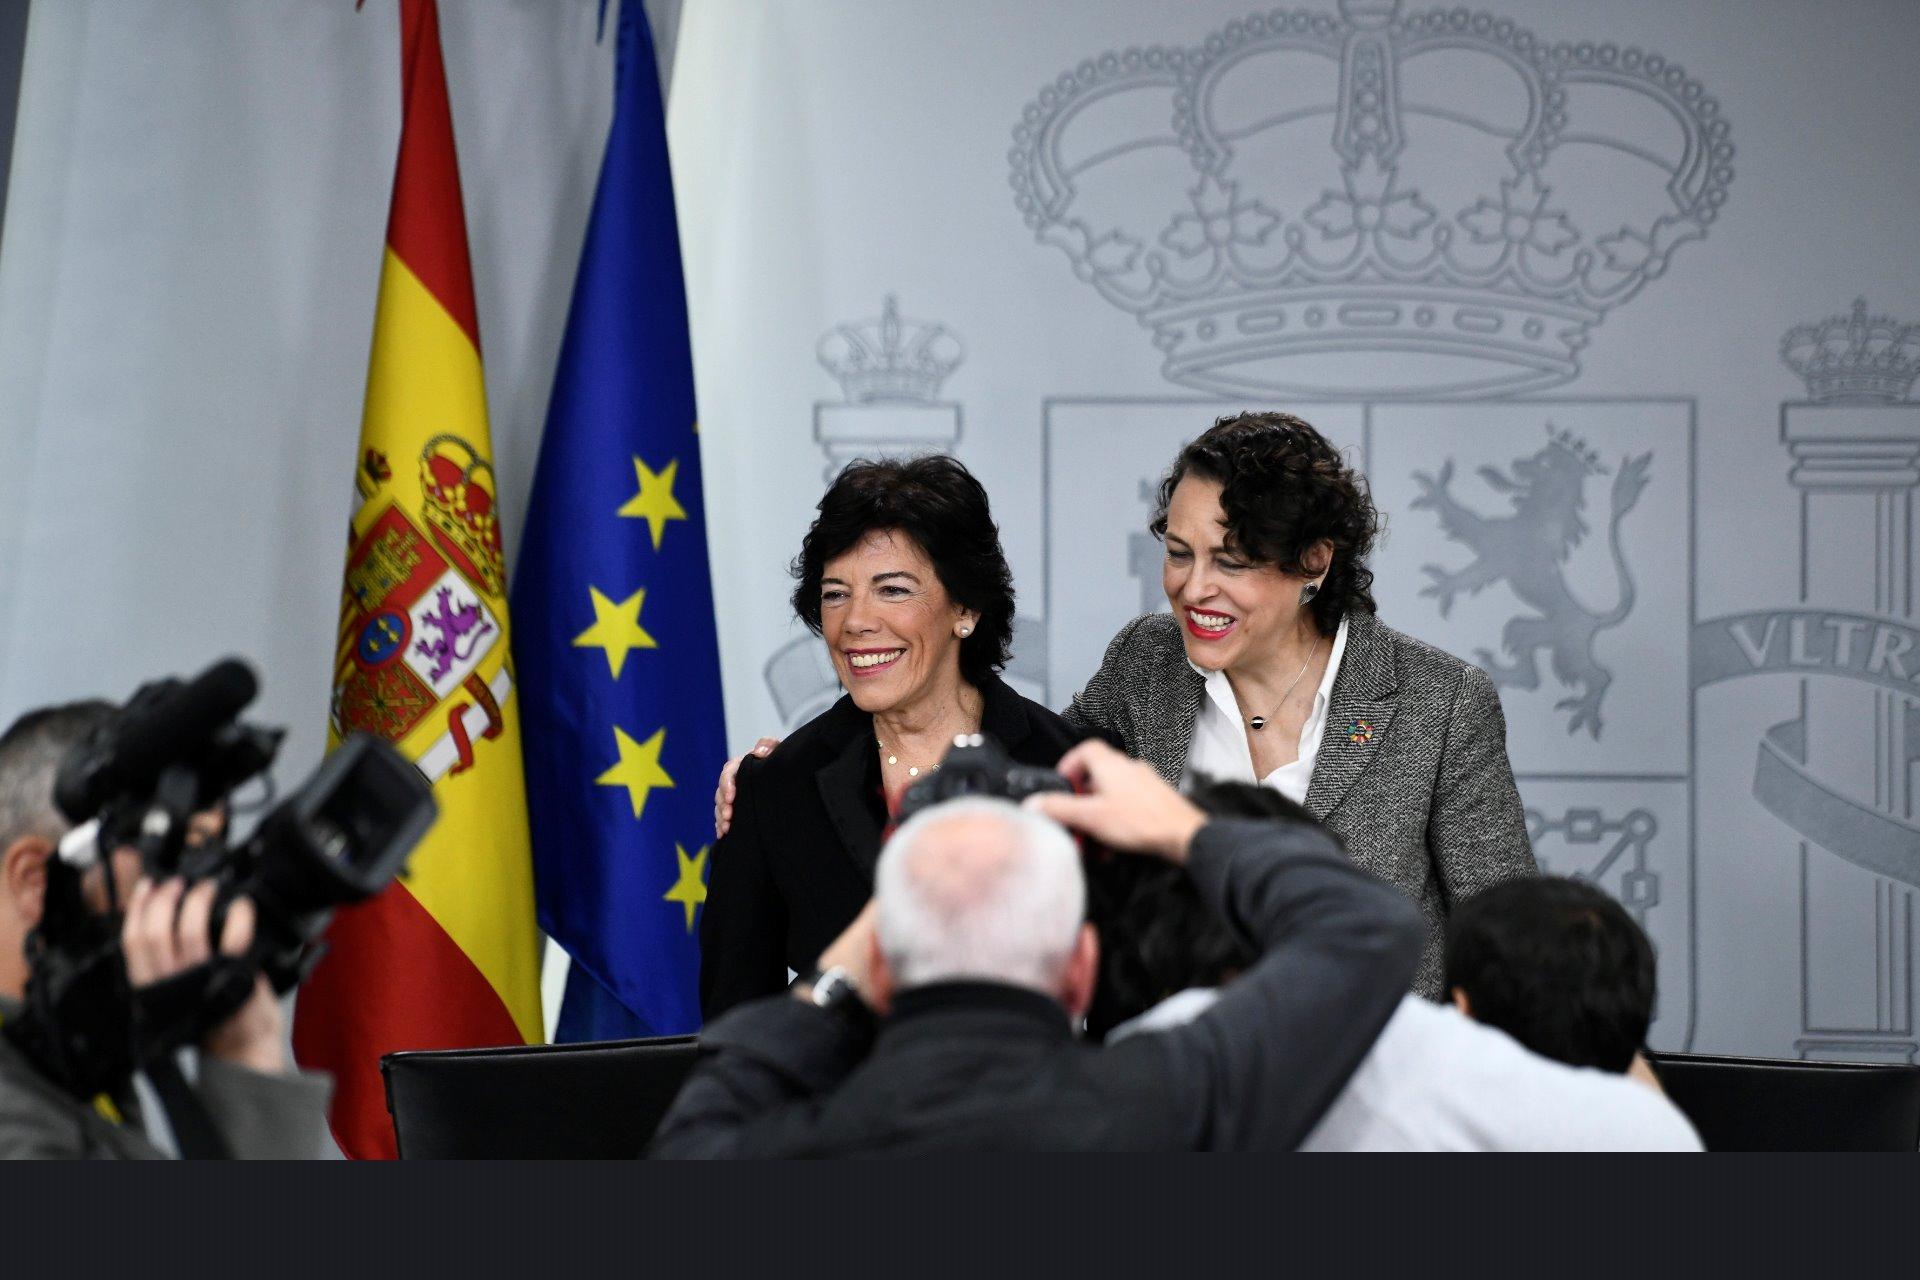 El Consejo de Ministros aprueba 18,8 millones para el programa de Becas Beatriz Galindo - El médico interactivo - El Médico Interactivo